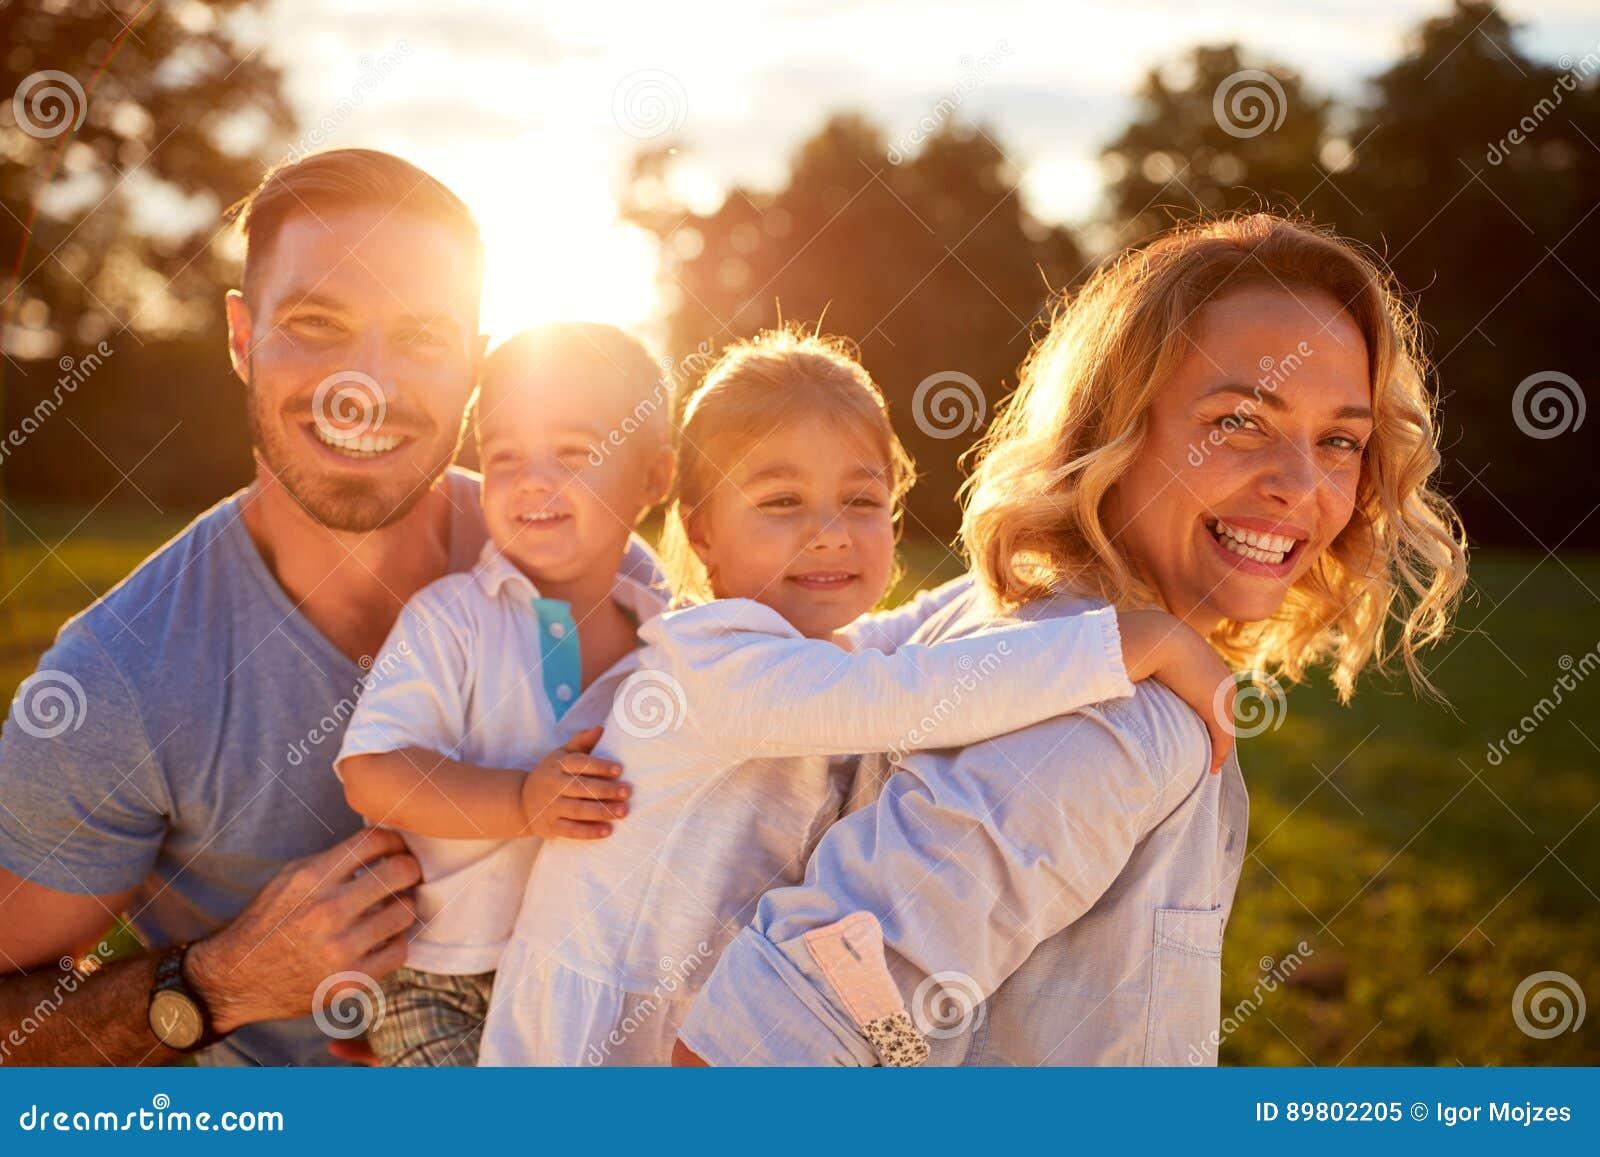 Fru och make med barn i natur